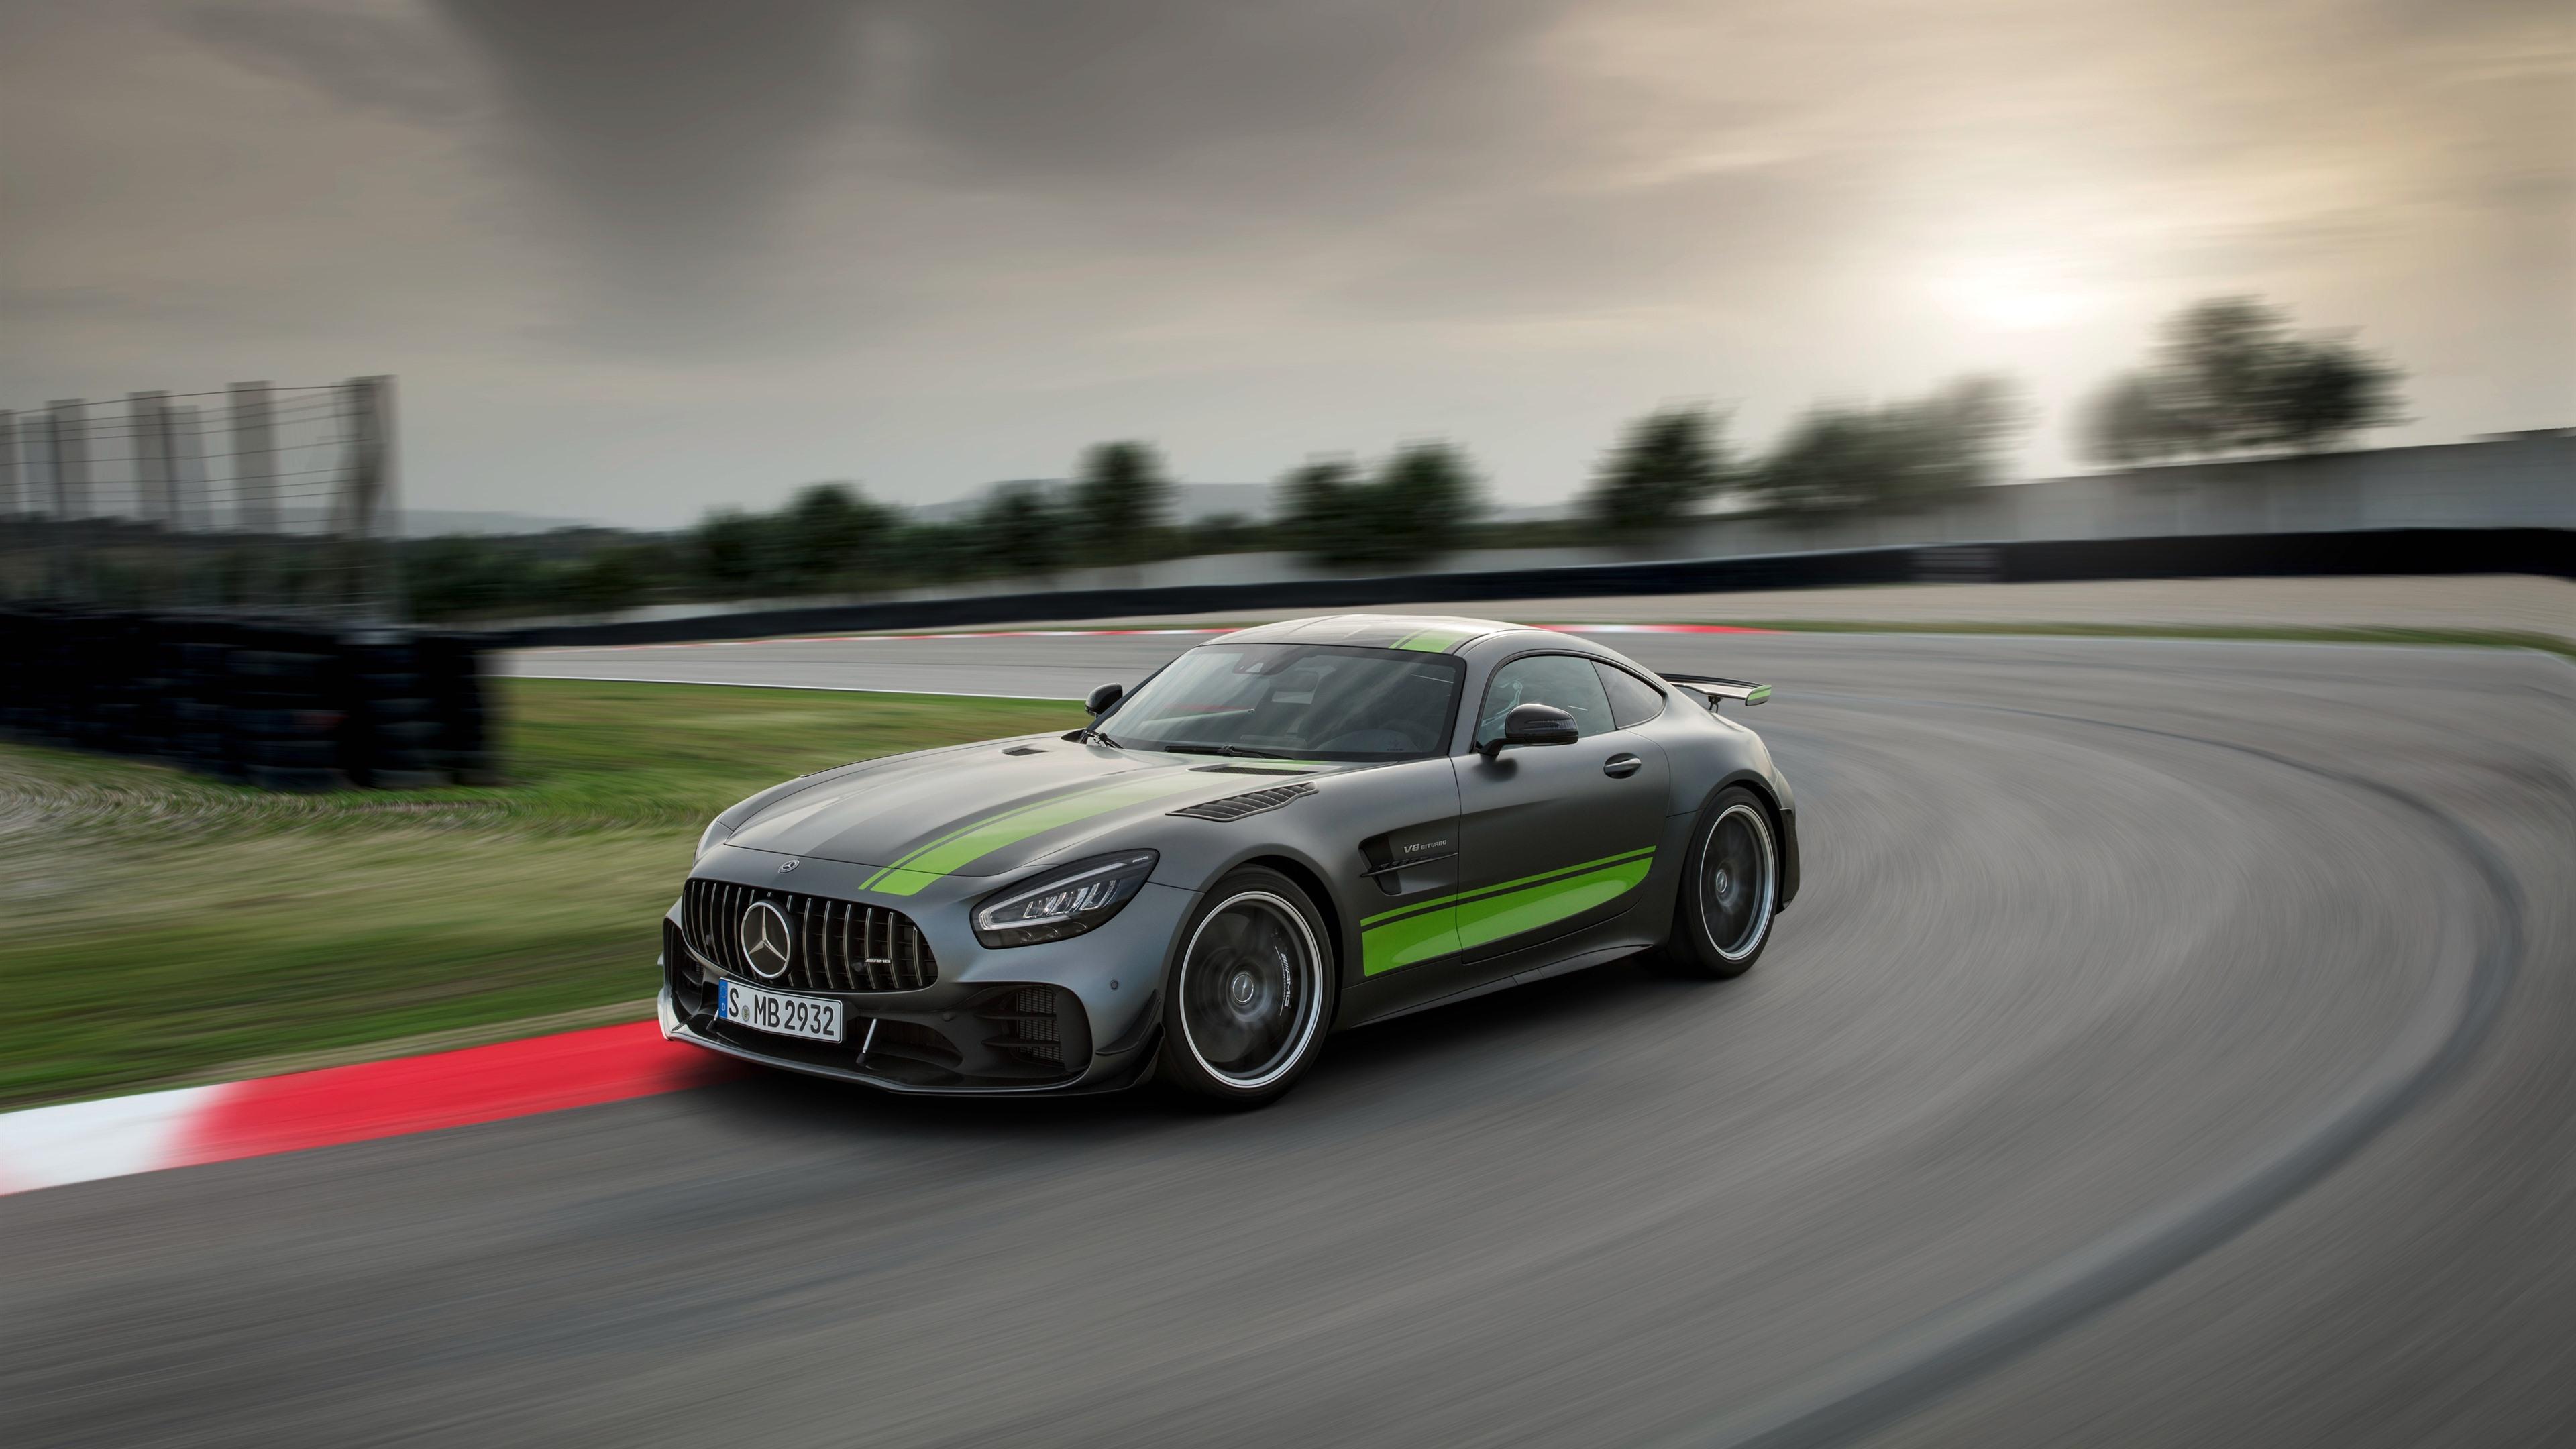 Mercedes Benz Amg Gt R Pro Graue Auto Geschwindigkeit